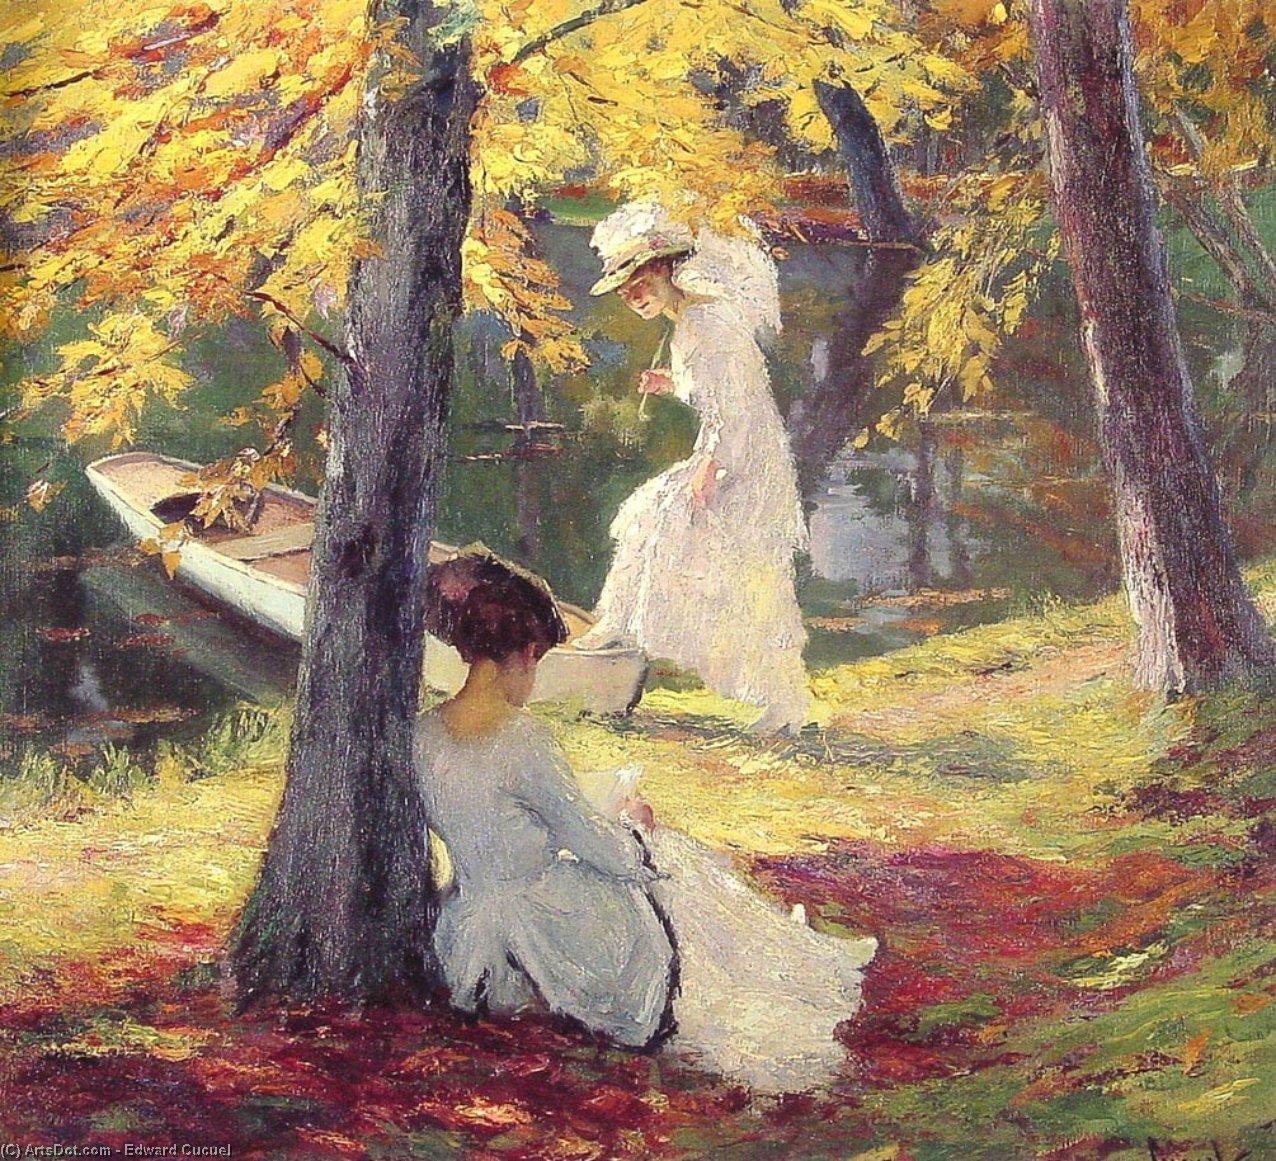 Wikioo.org – L'Encyclopédie des Beaux Arts - Peinture, Oeuvre de Edward Cucuel - Automne Sun